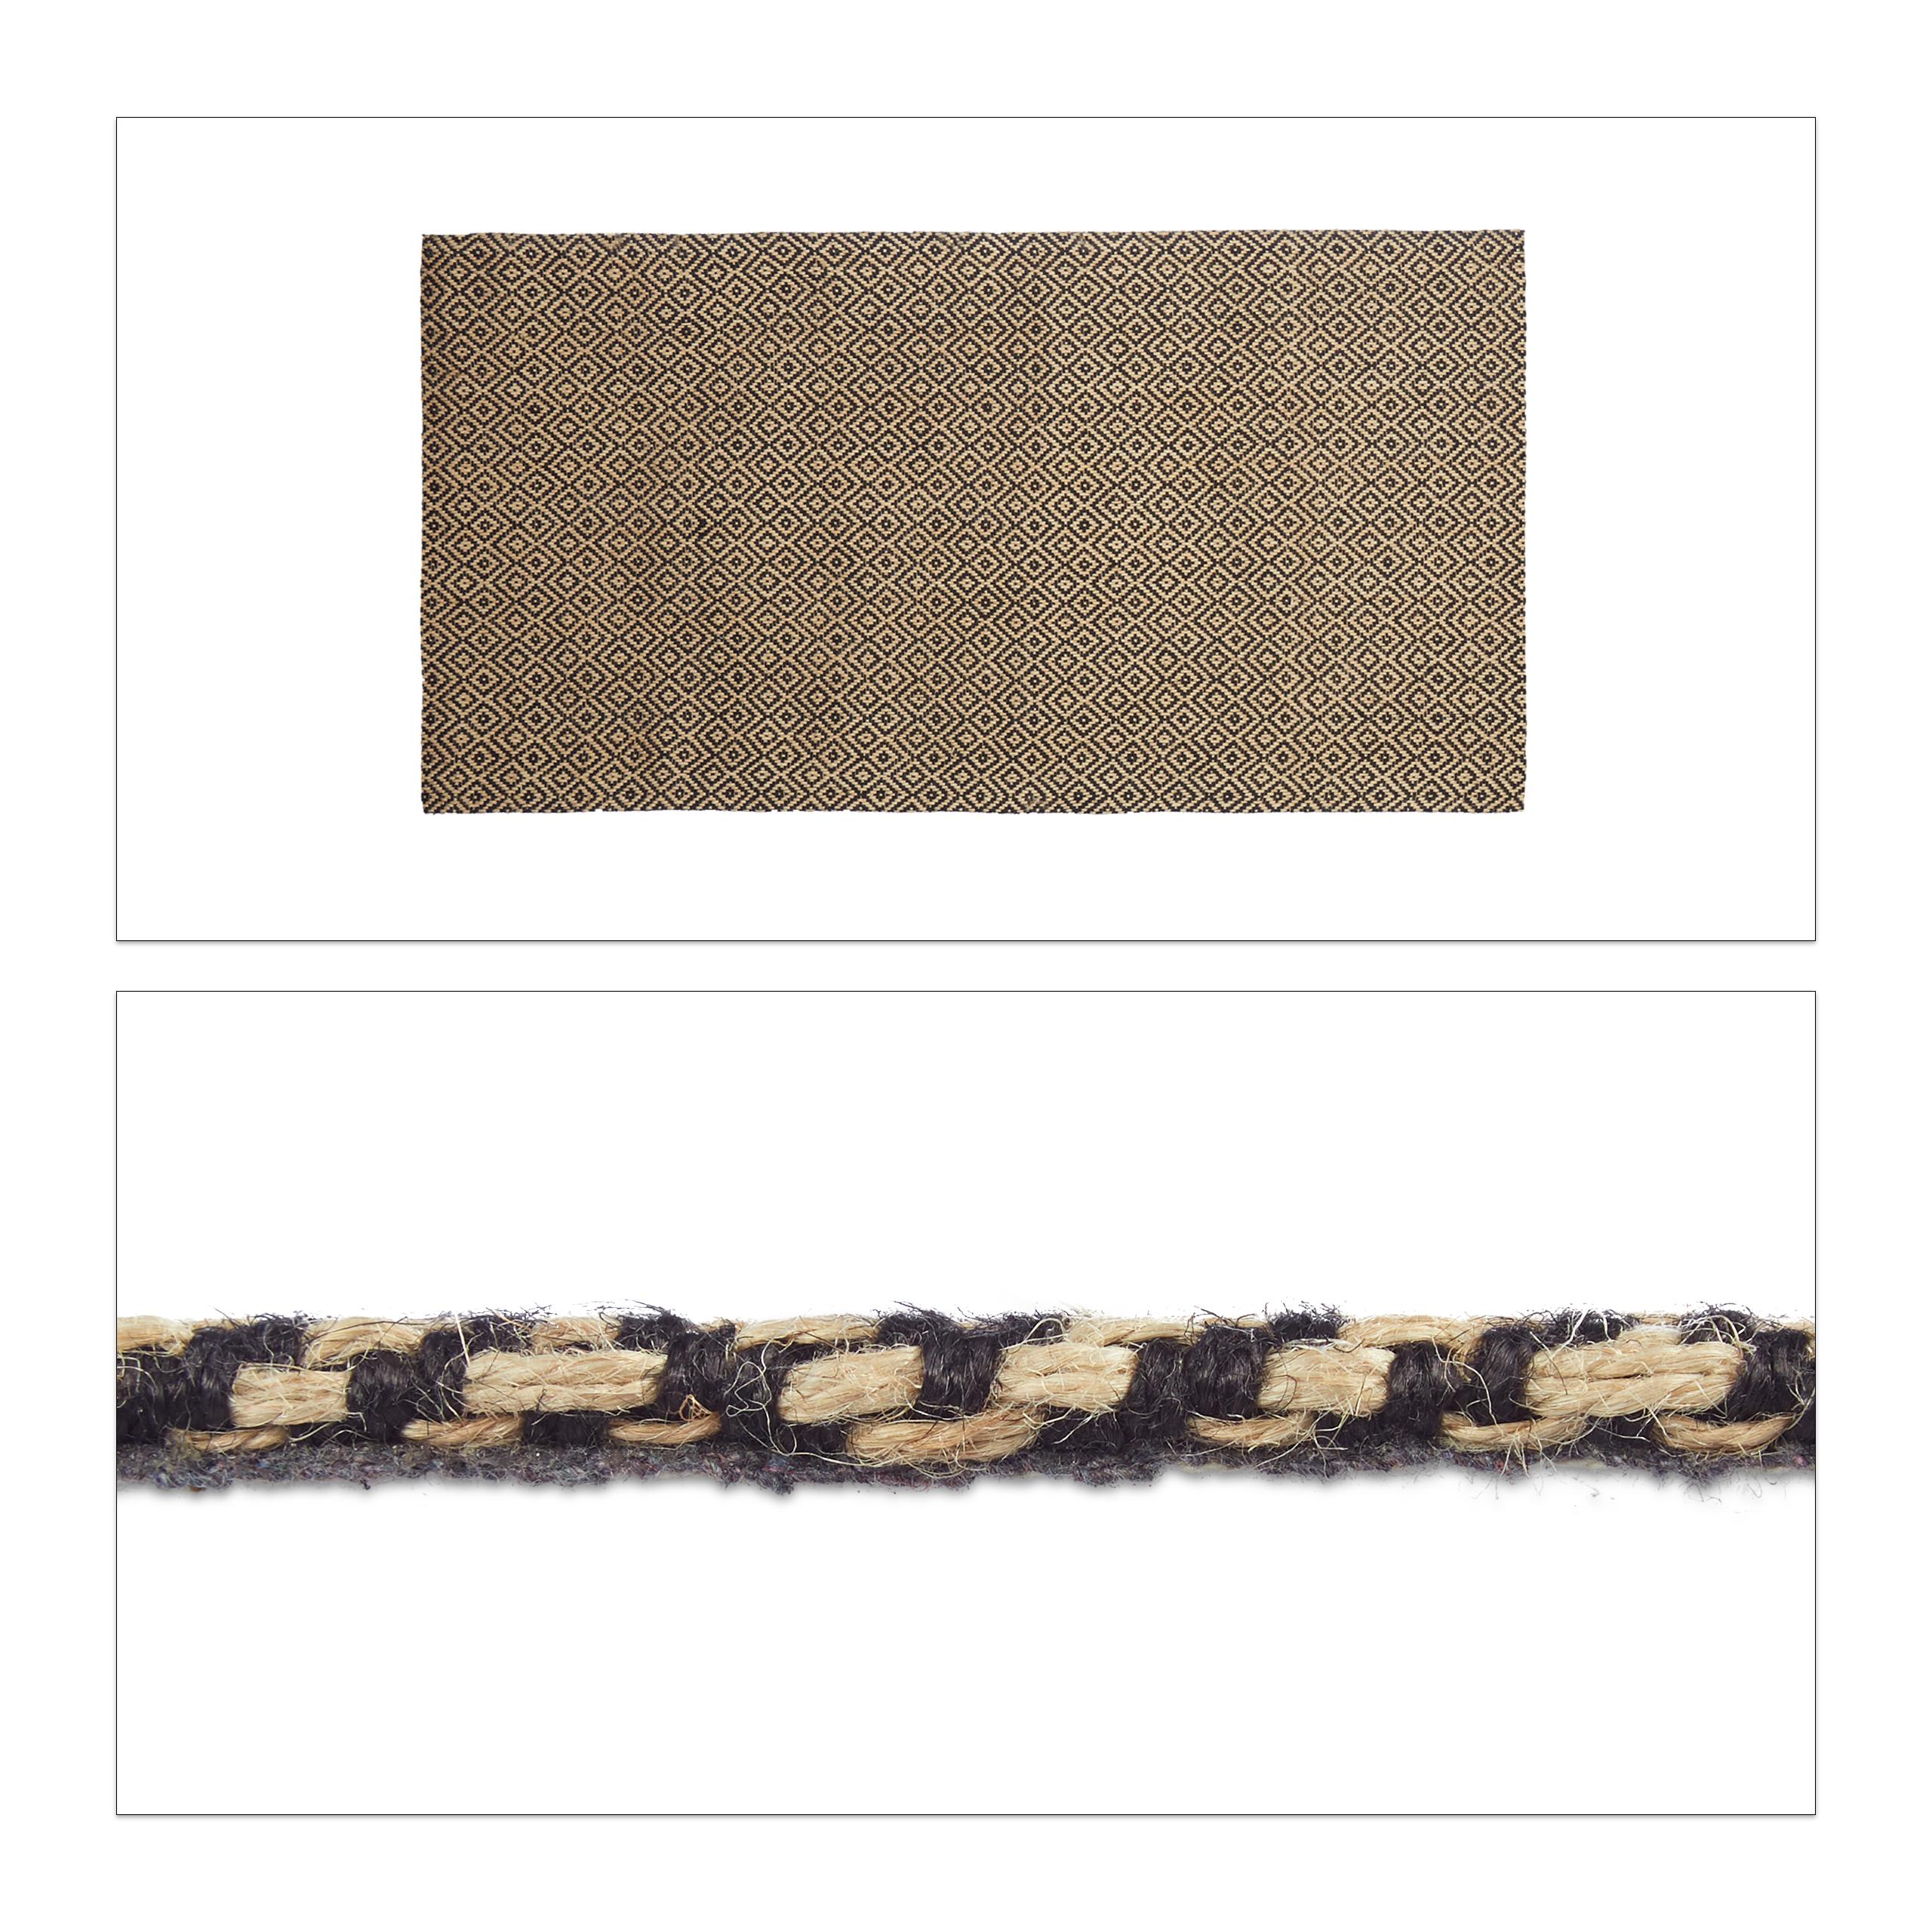 Teppichläufer Muster Flurteppich Juteteppich Webteppich Flurläufer Küchenläufer